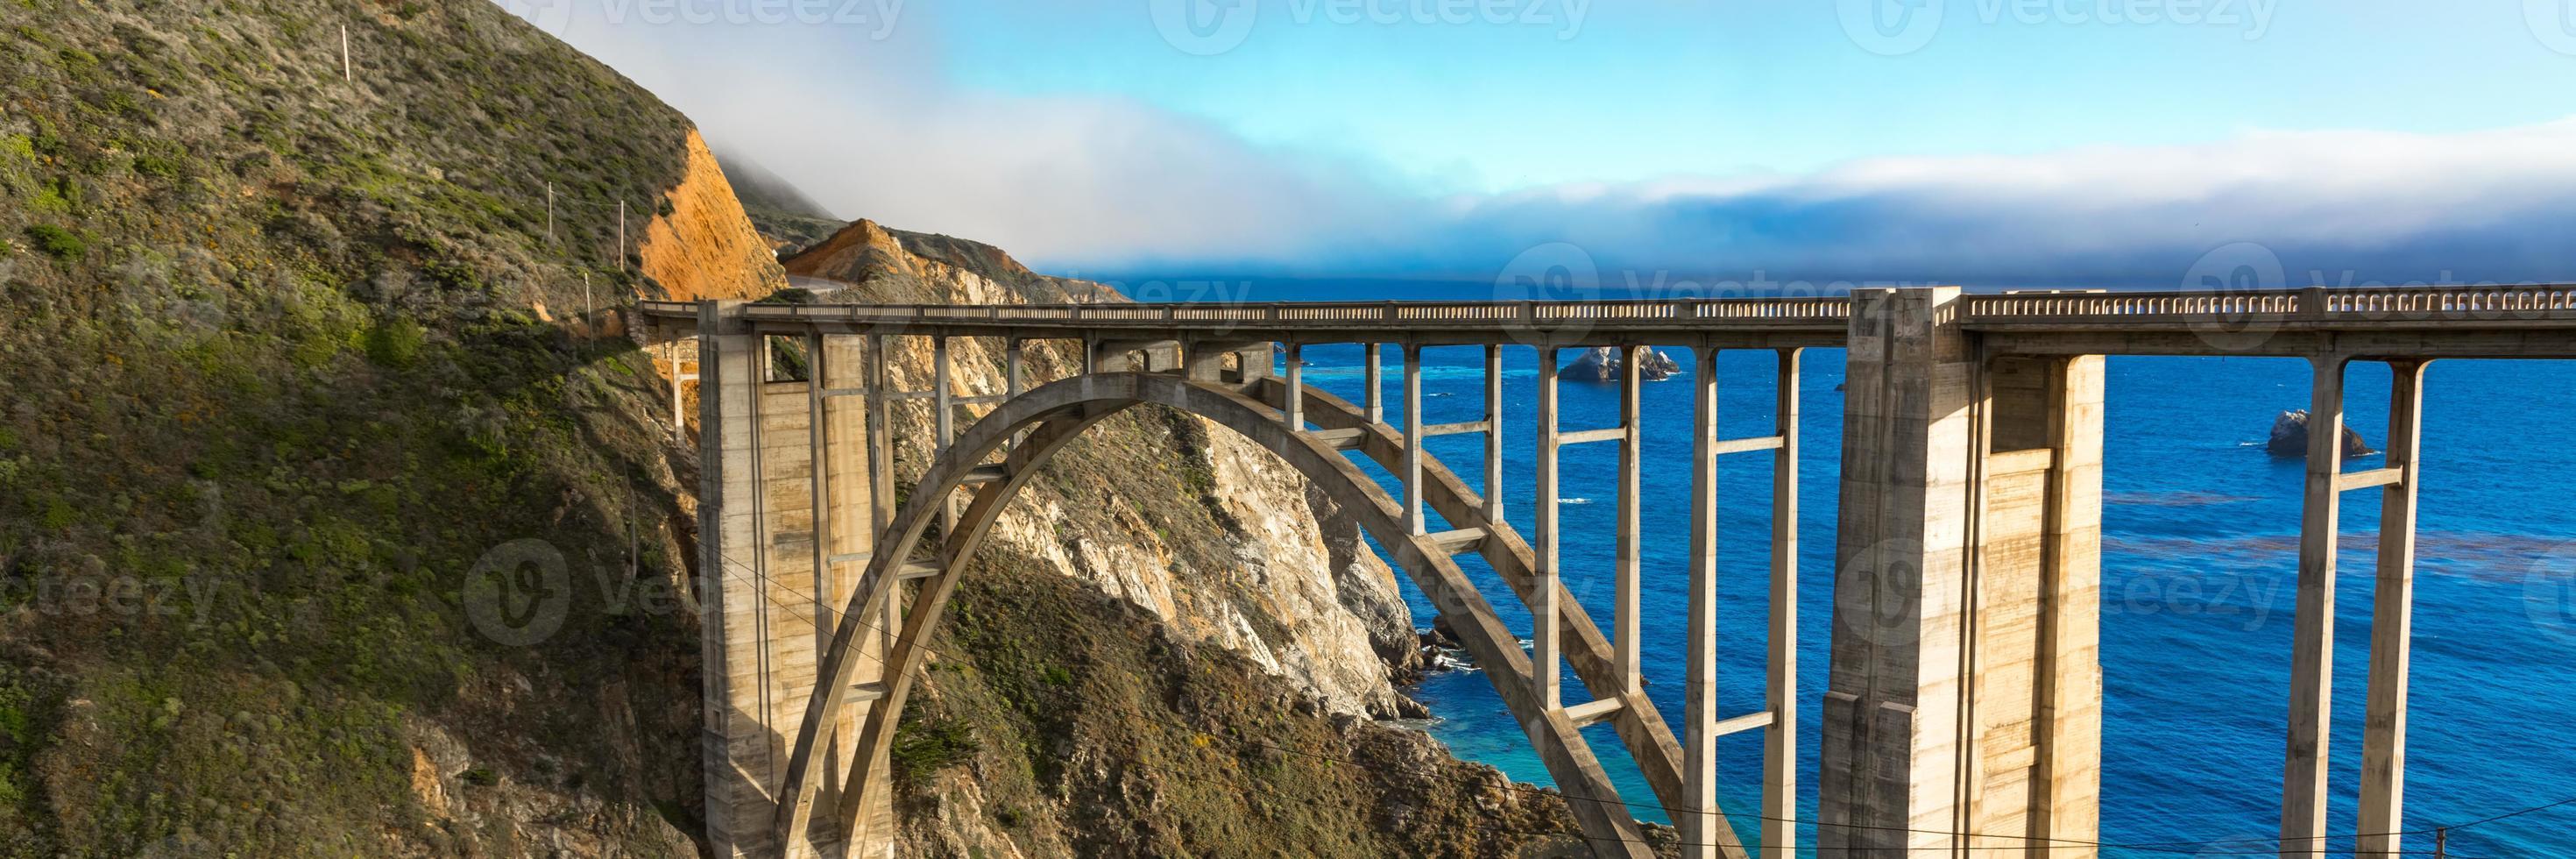 panorama del ponte di Bixby foto